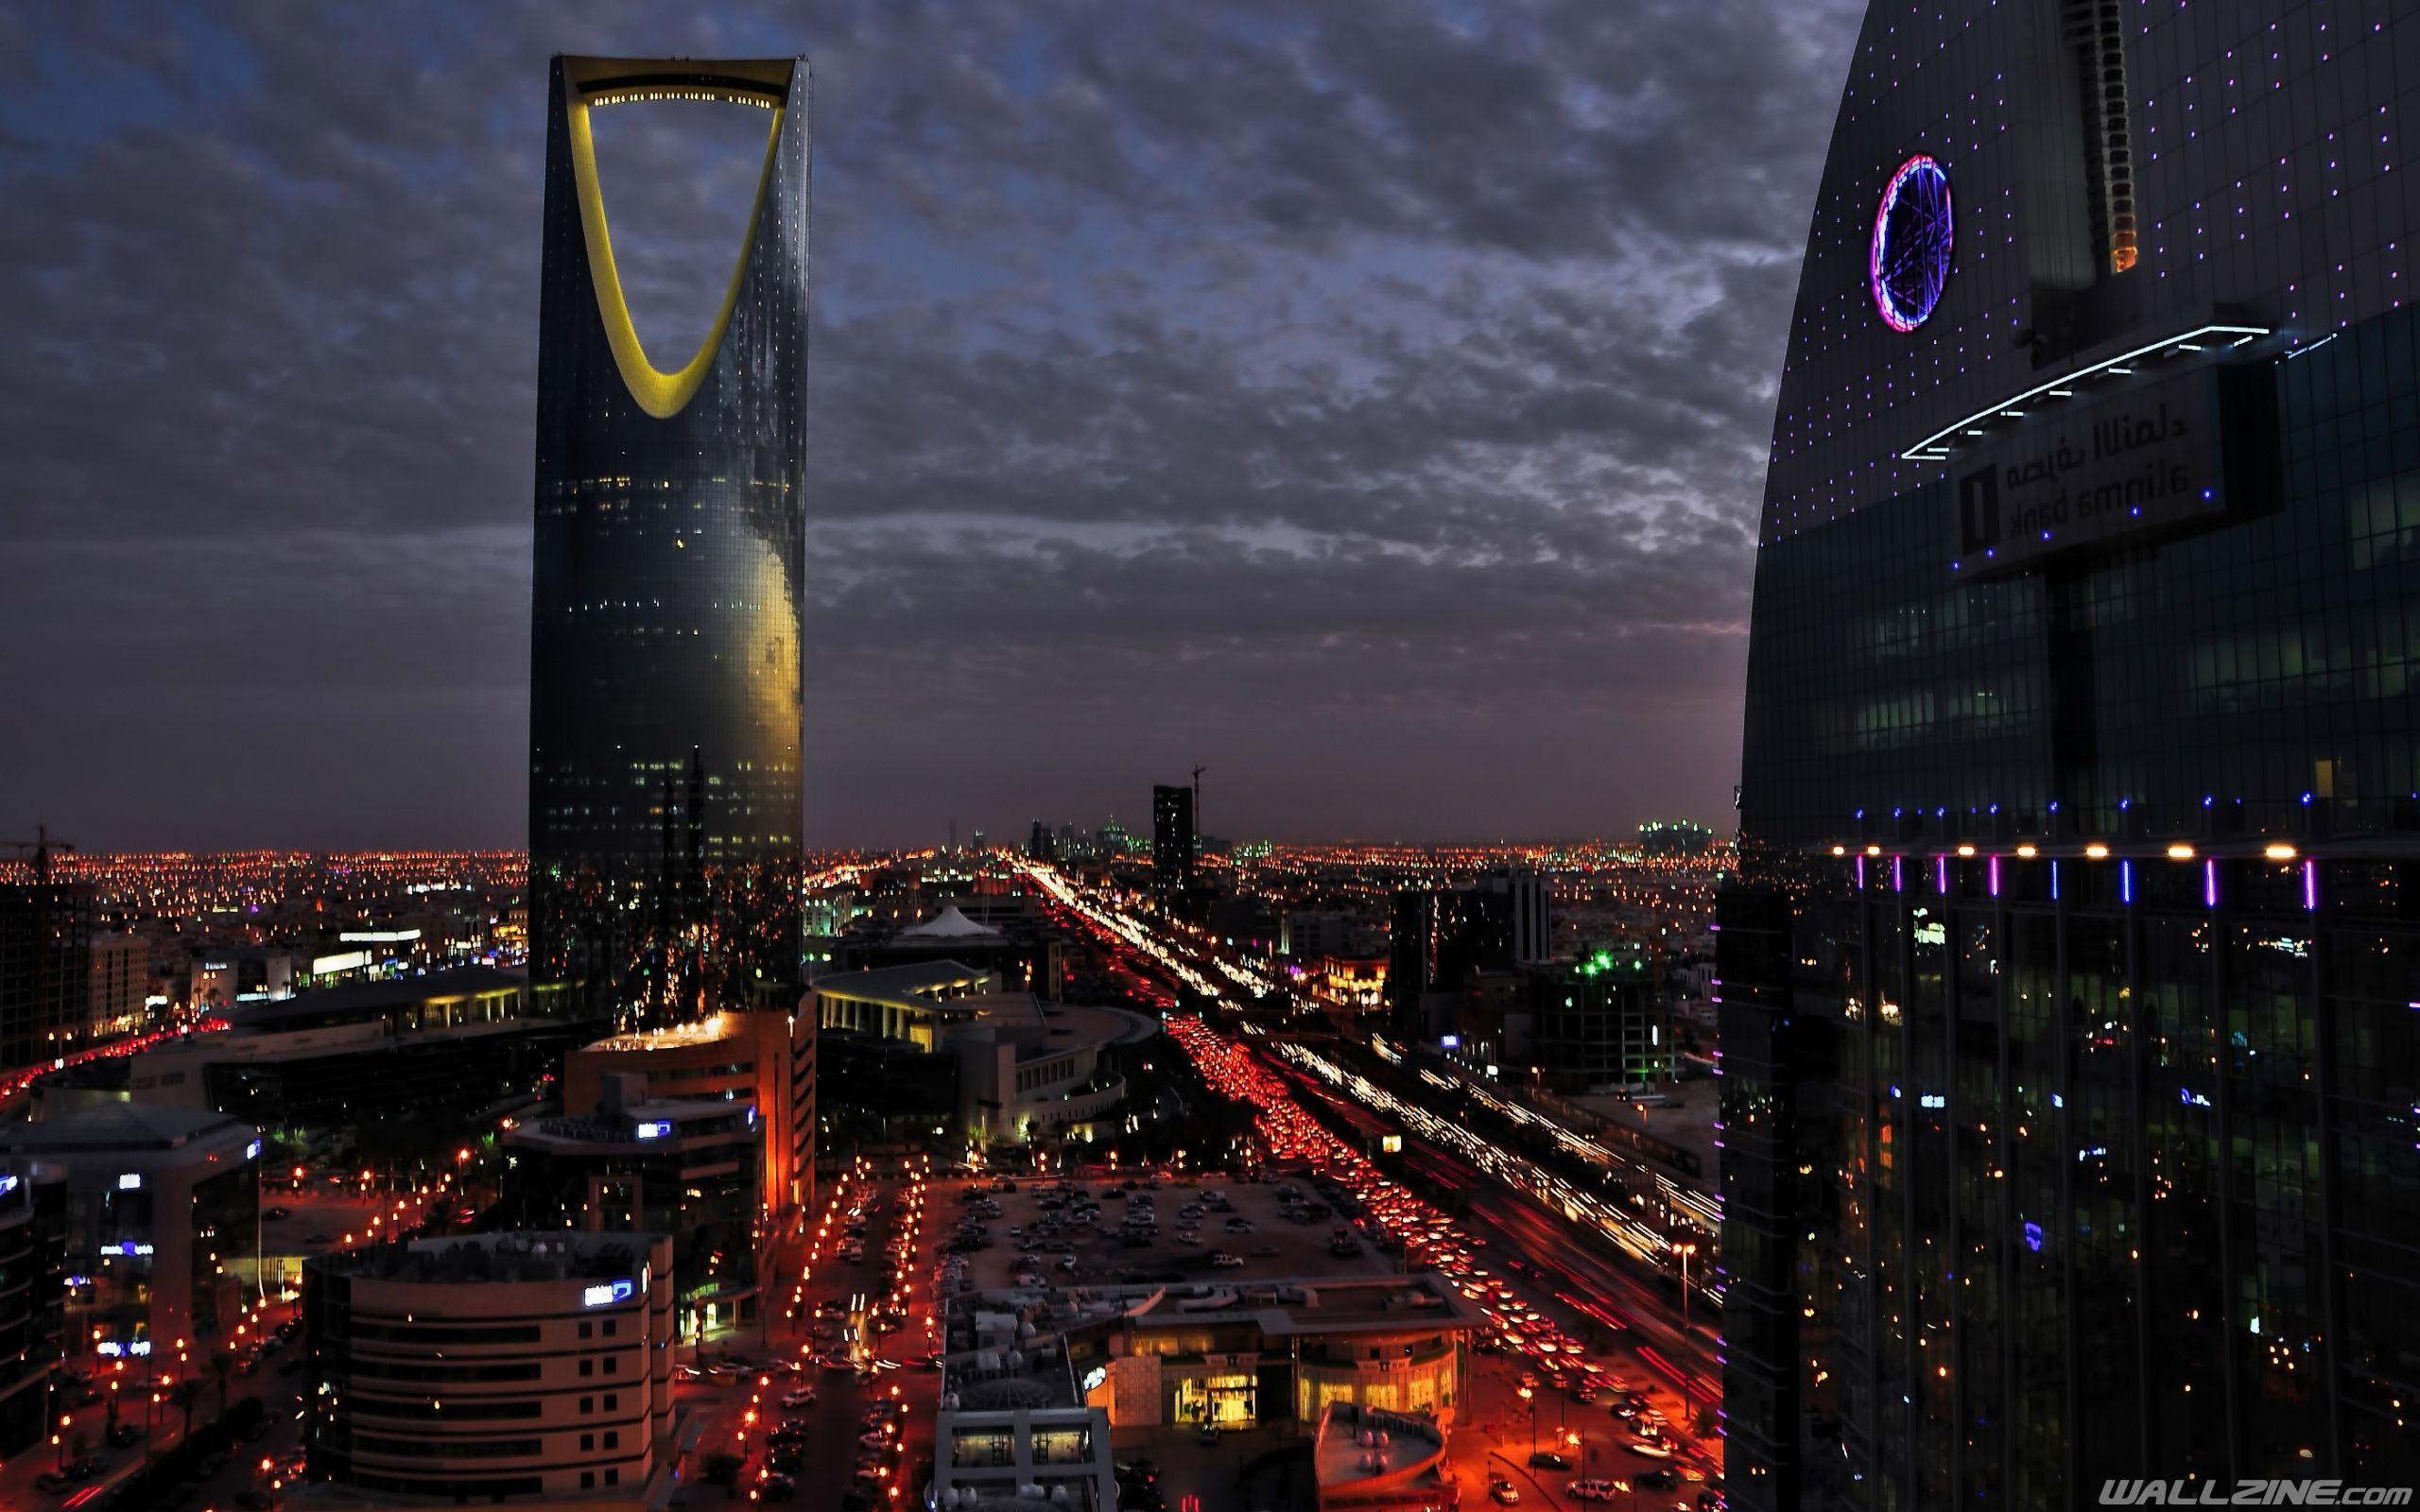 Kingdom Tower Saudi Arabia Hd Desktop Wallpaper Wallzine Com Riyadh Saudi Arabia Riyadh Saudi Arabia